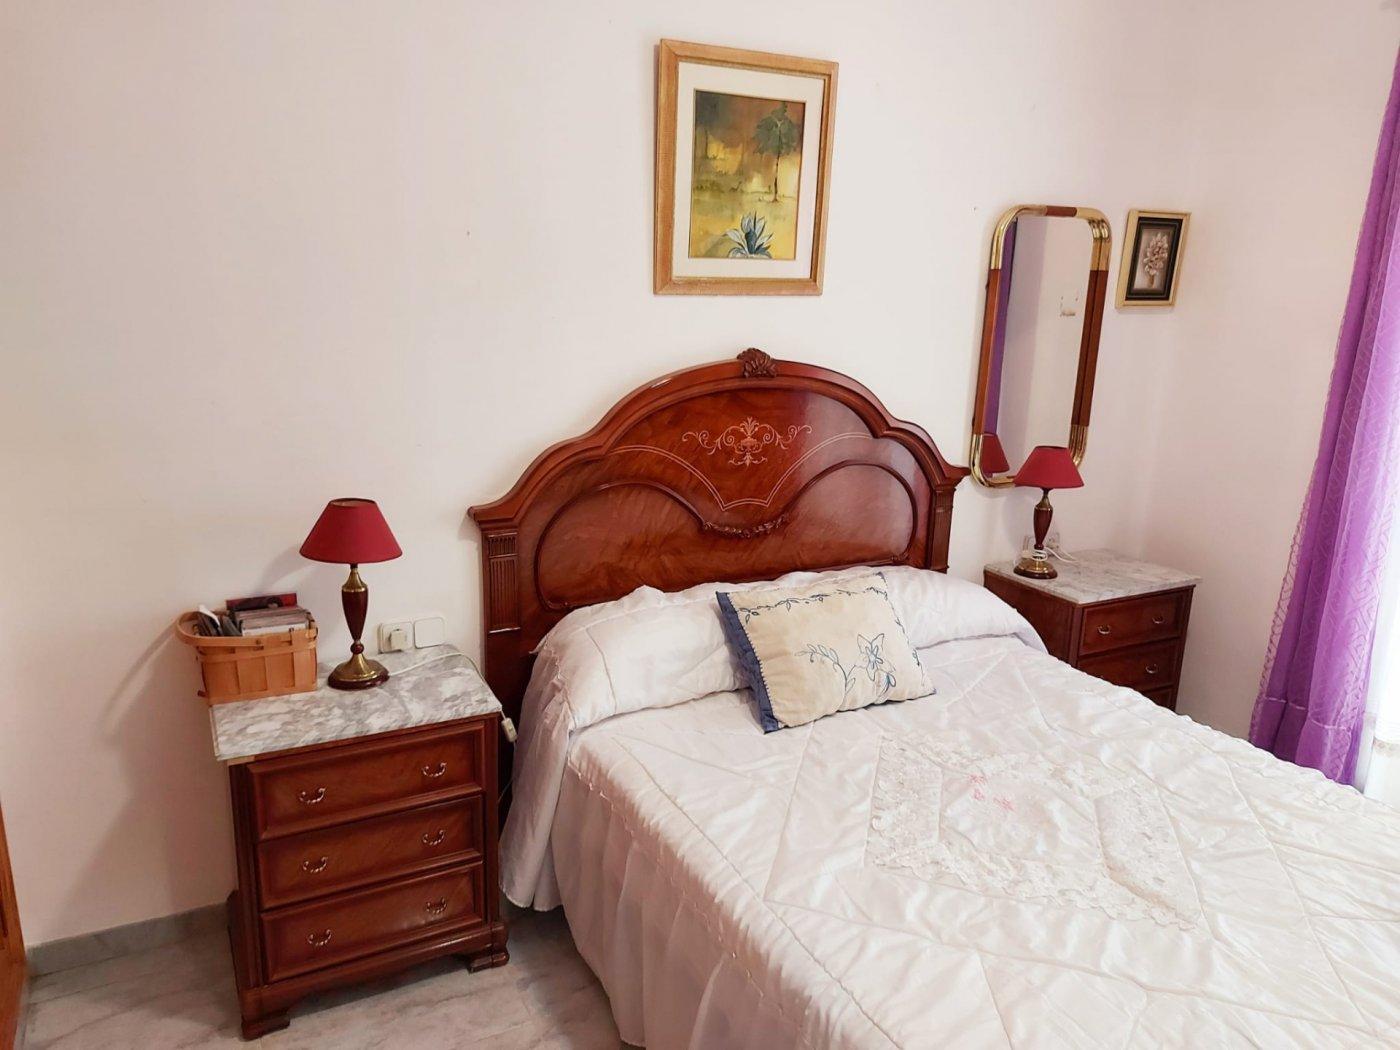 En venta espectacular casa o chalet en can carbonellell-sa cabana - imagenInmueble12